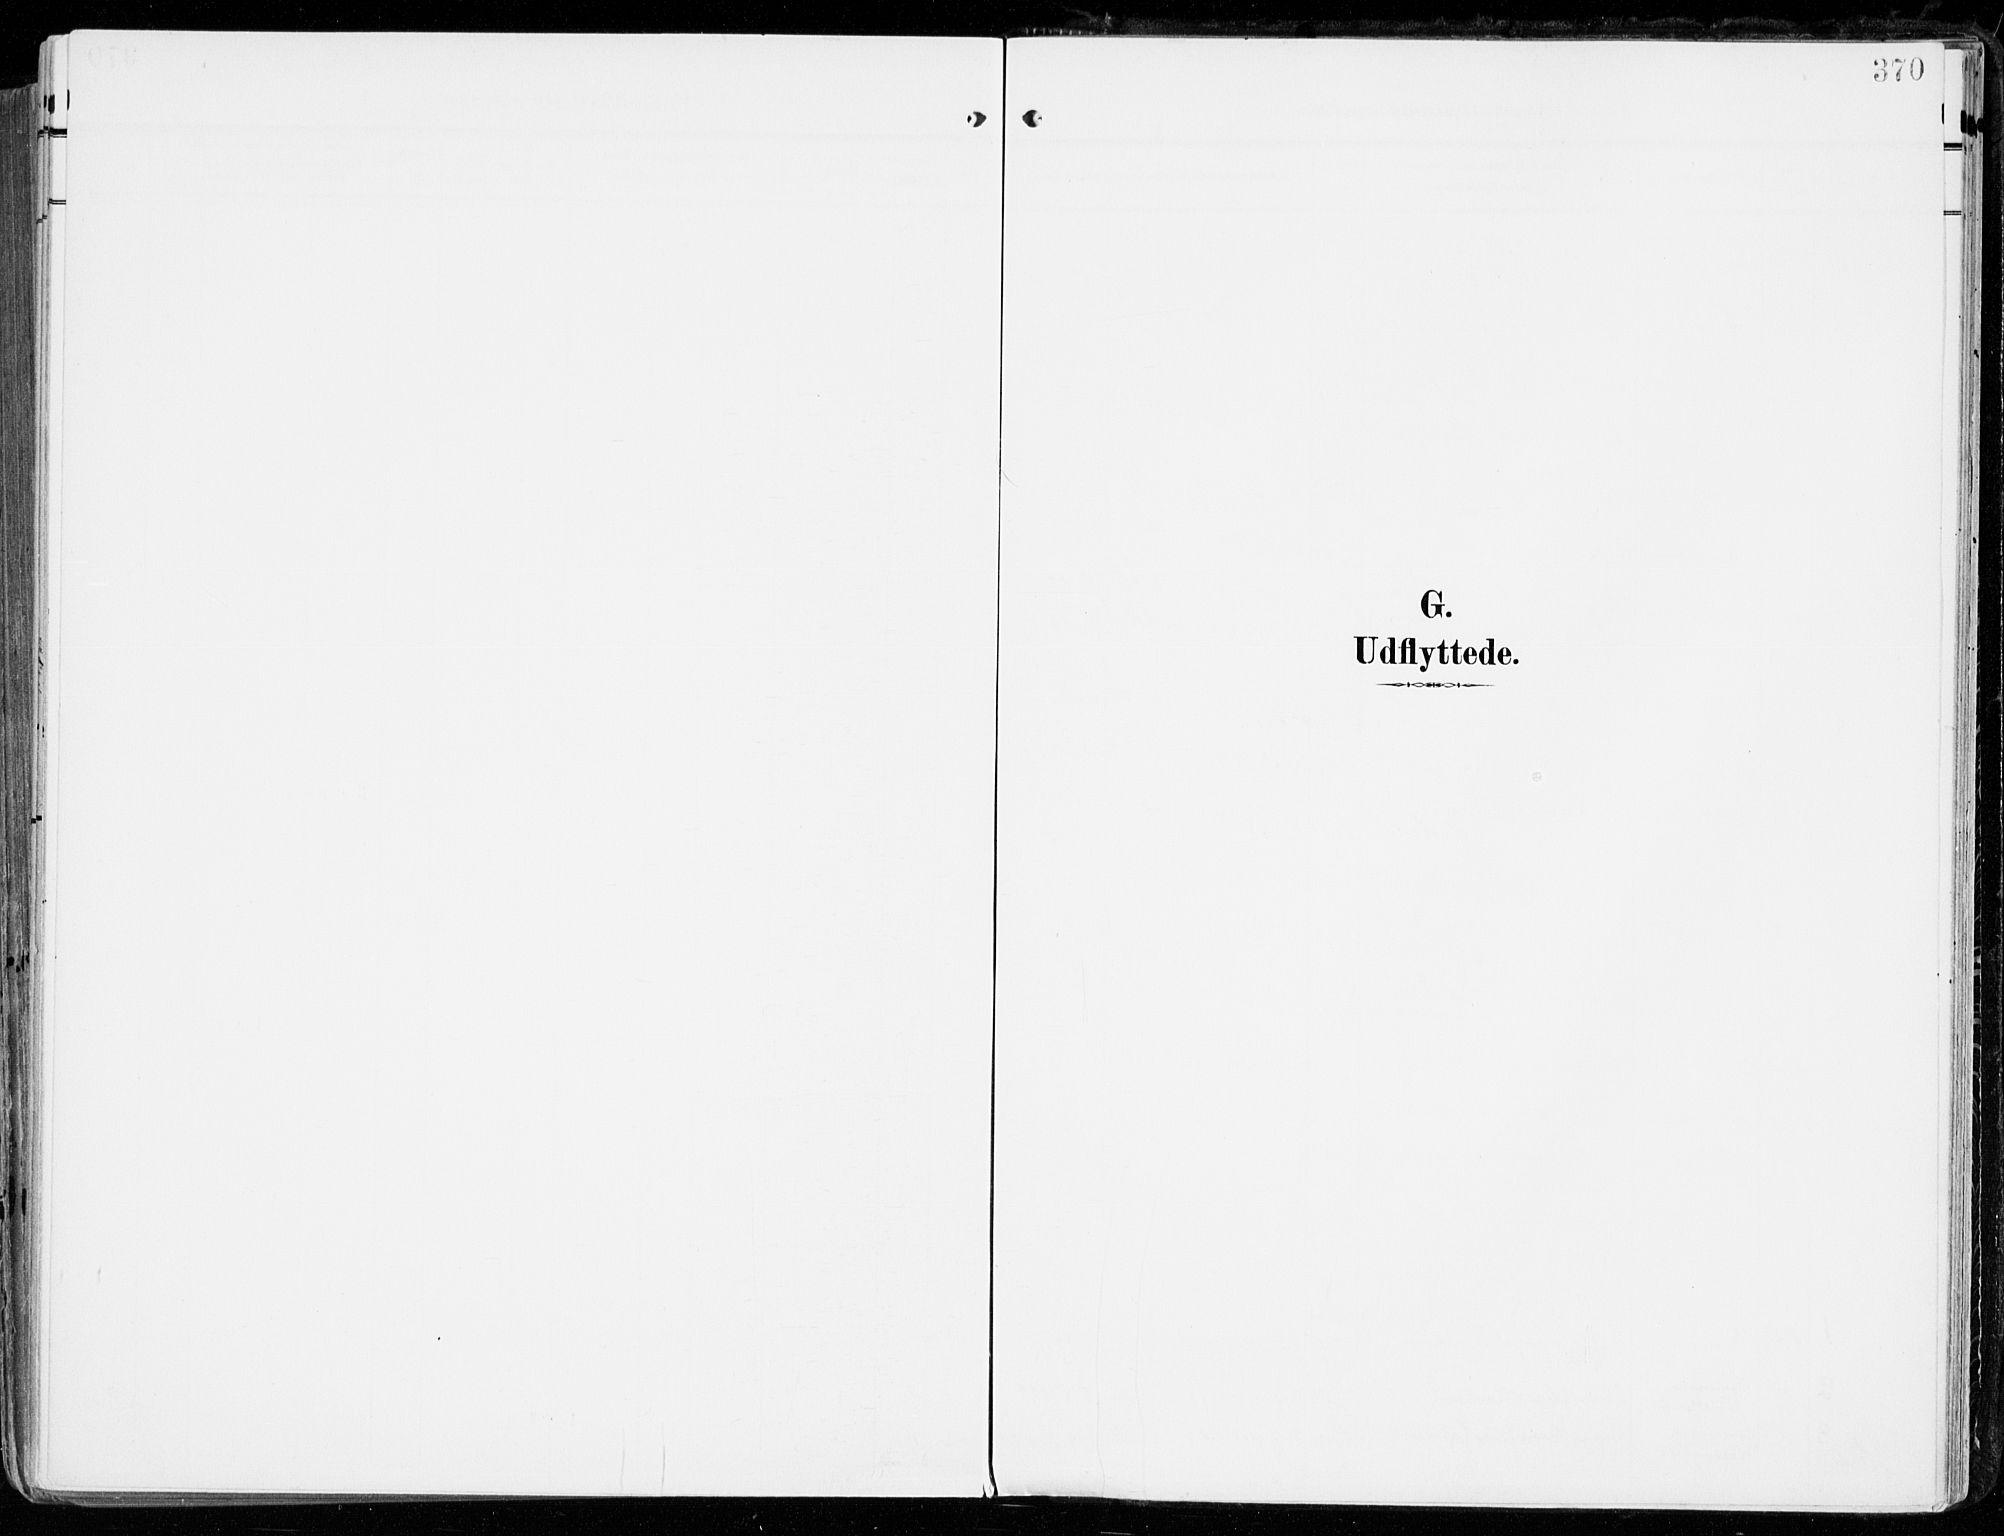 SAKO, Tjølling kirkebøker, F/Fa/L0010: Parish register (official) no. 10, 1906-1923, p. 370